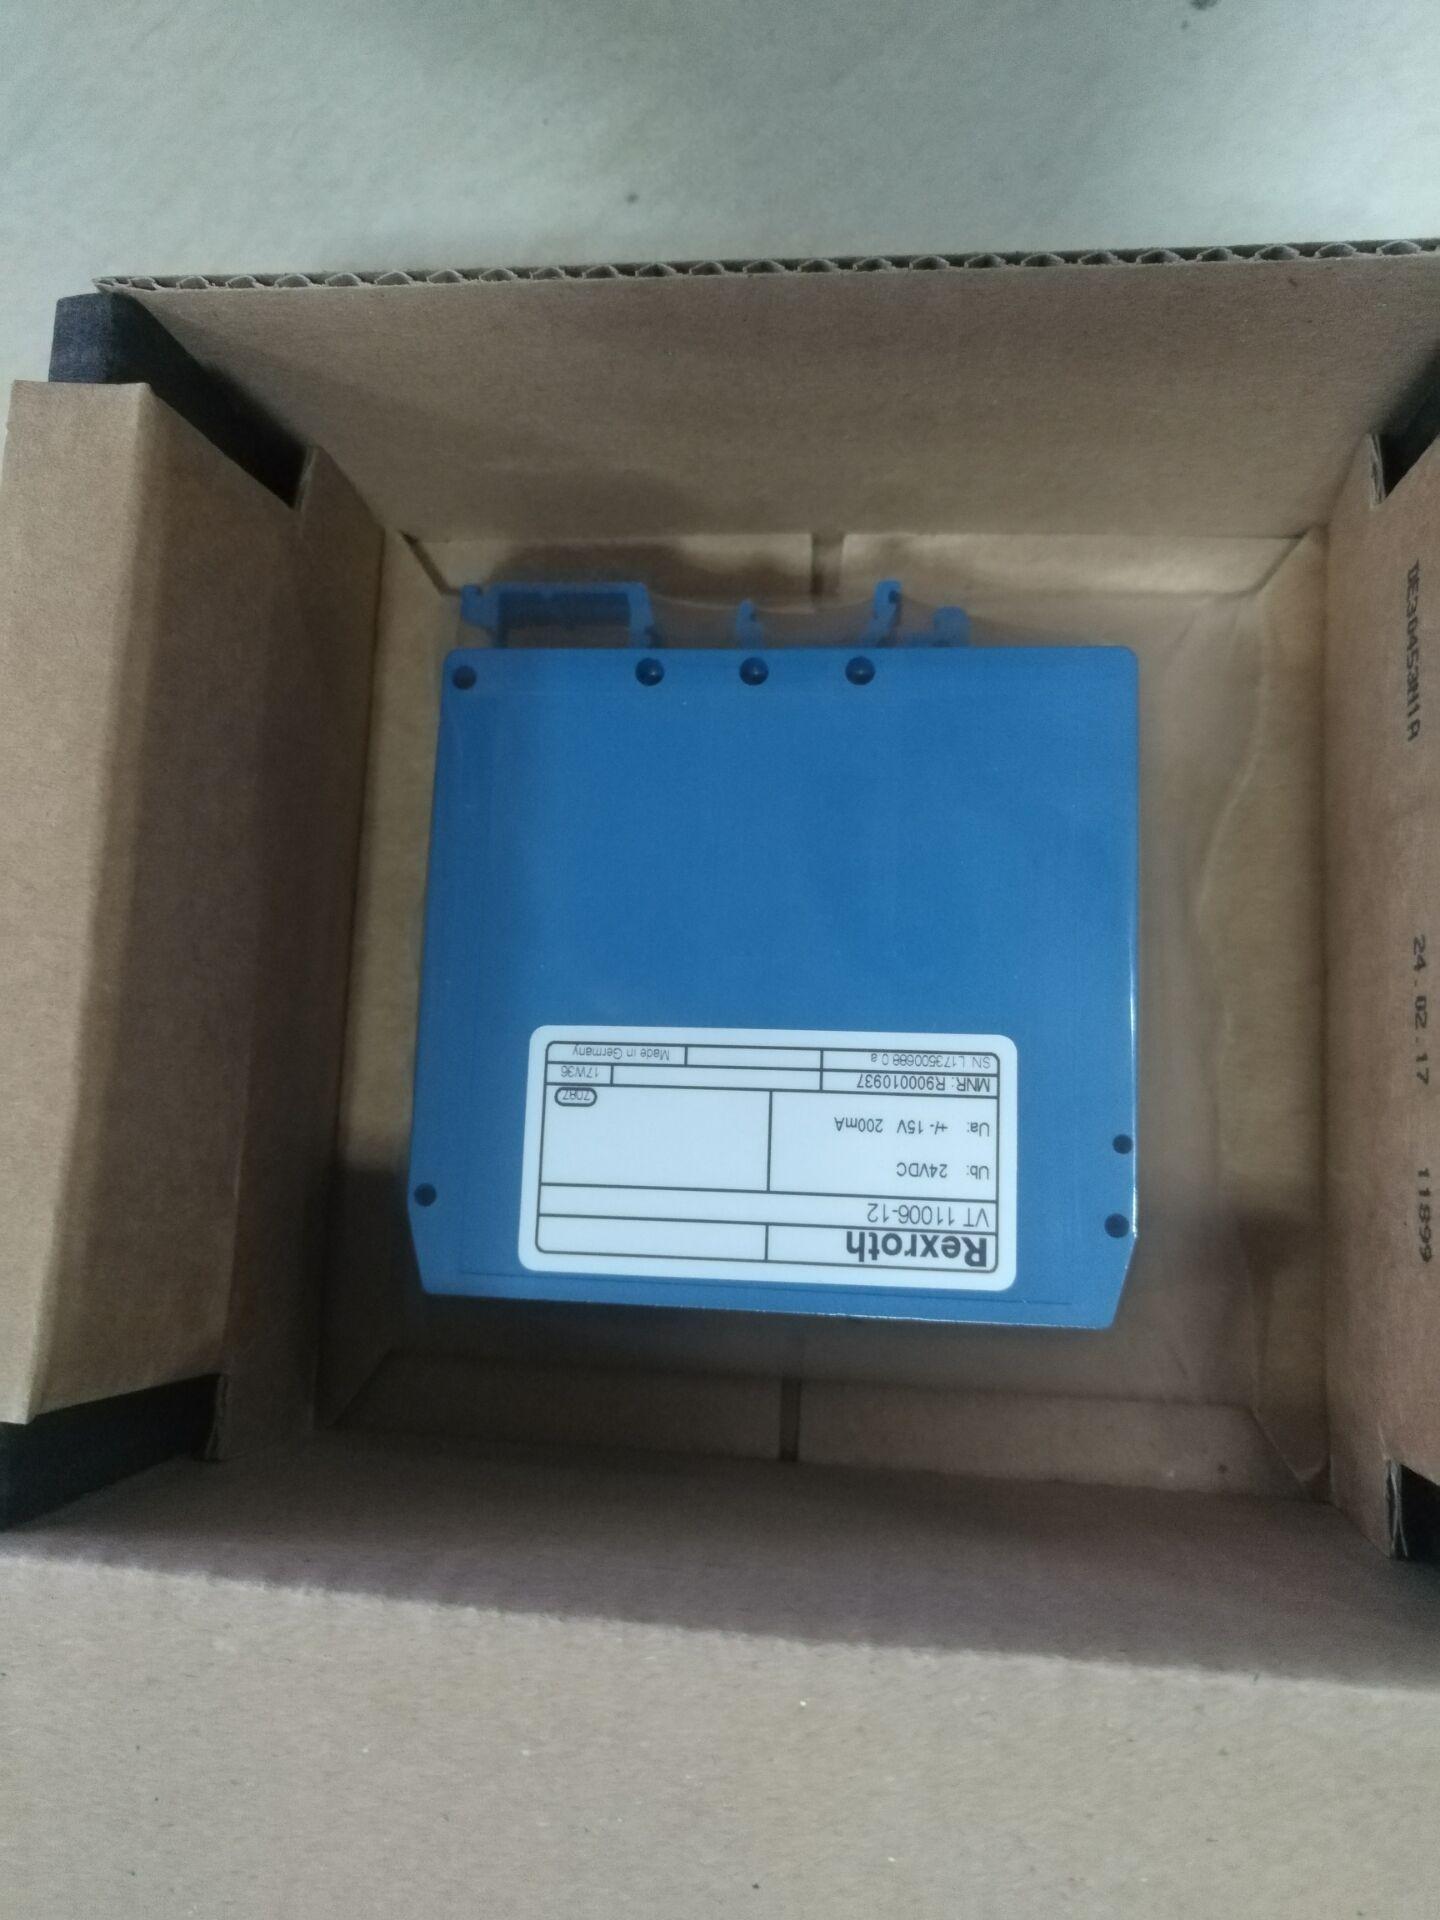 泸州市液压气动工业自动化产品供应(rexroth,parker,vickers,atos,hawe)